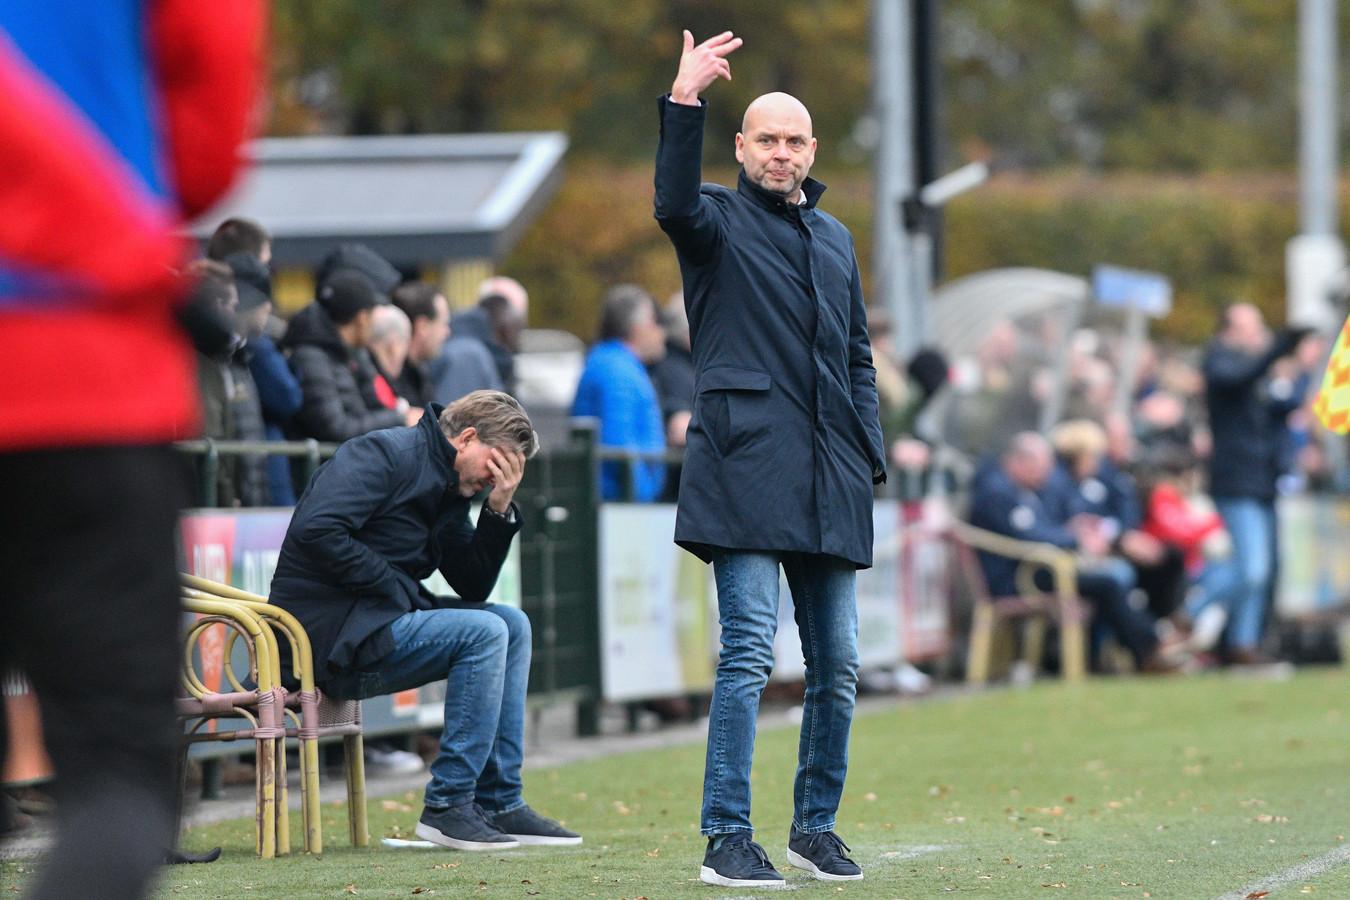 John Dooijewaard (r) coacht DVS'33 in het verloren duel met Barendrecht. Jaap de Vries (l) ziet het onheil al naderen.